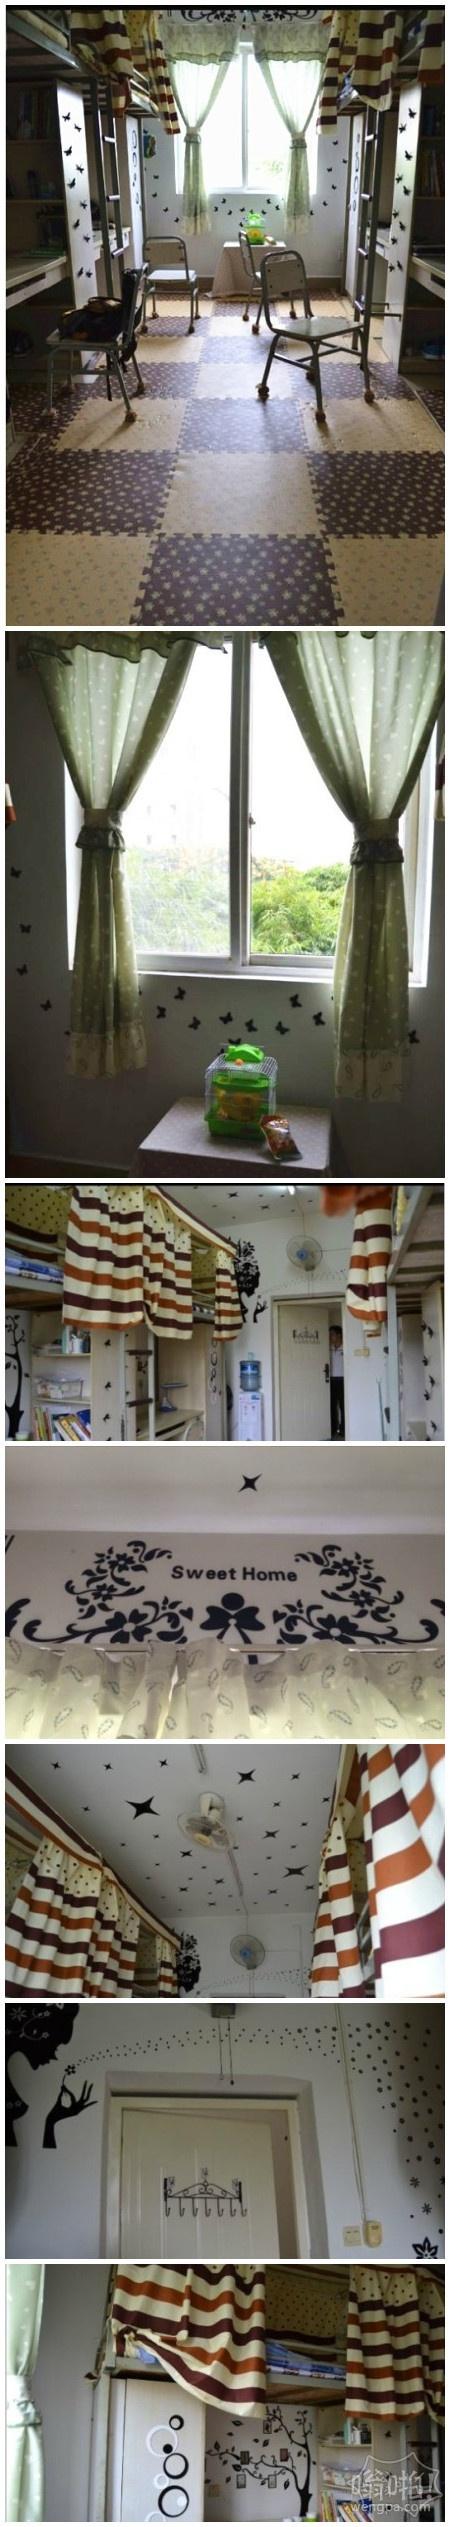 大学男生的小清新寝室:还让不让女生活